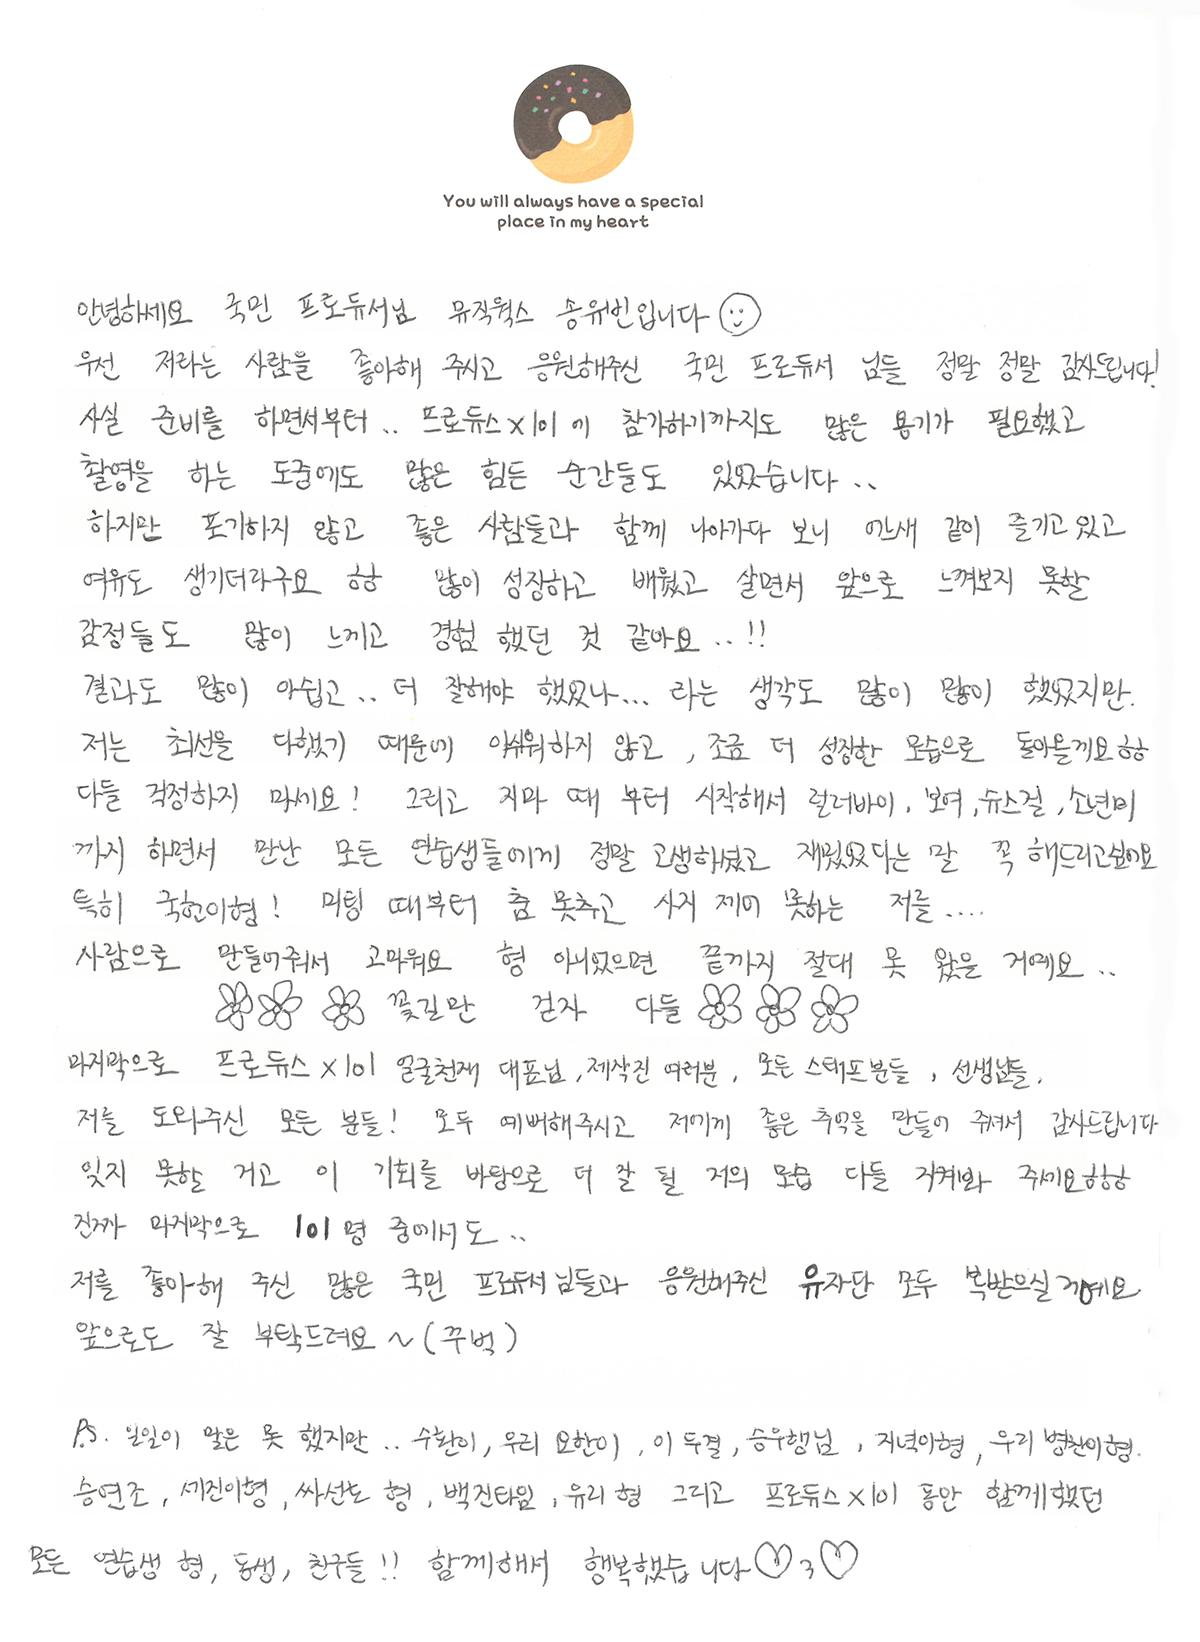 송유빈 자필 소감문.jpg